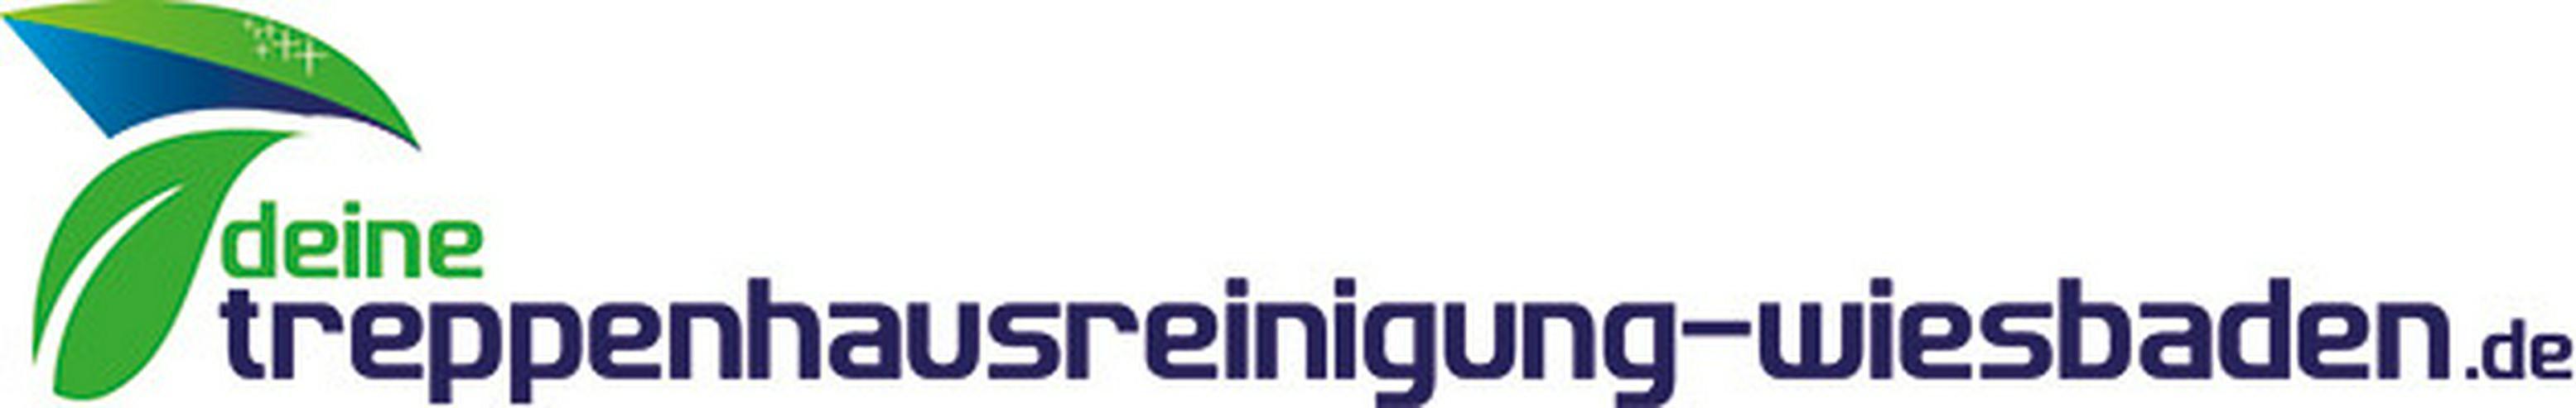 Treppenhausreinigung Wiesbaden - Haushaltshilfe & Reinigung - Bild 1